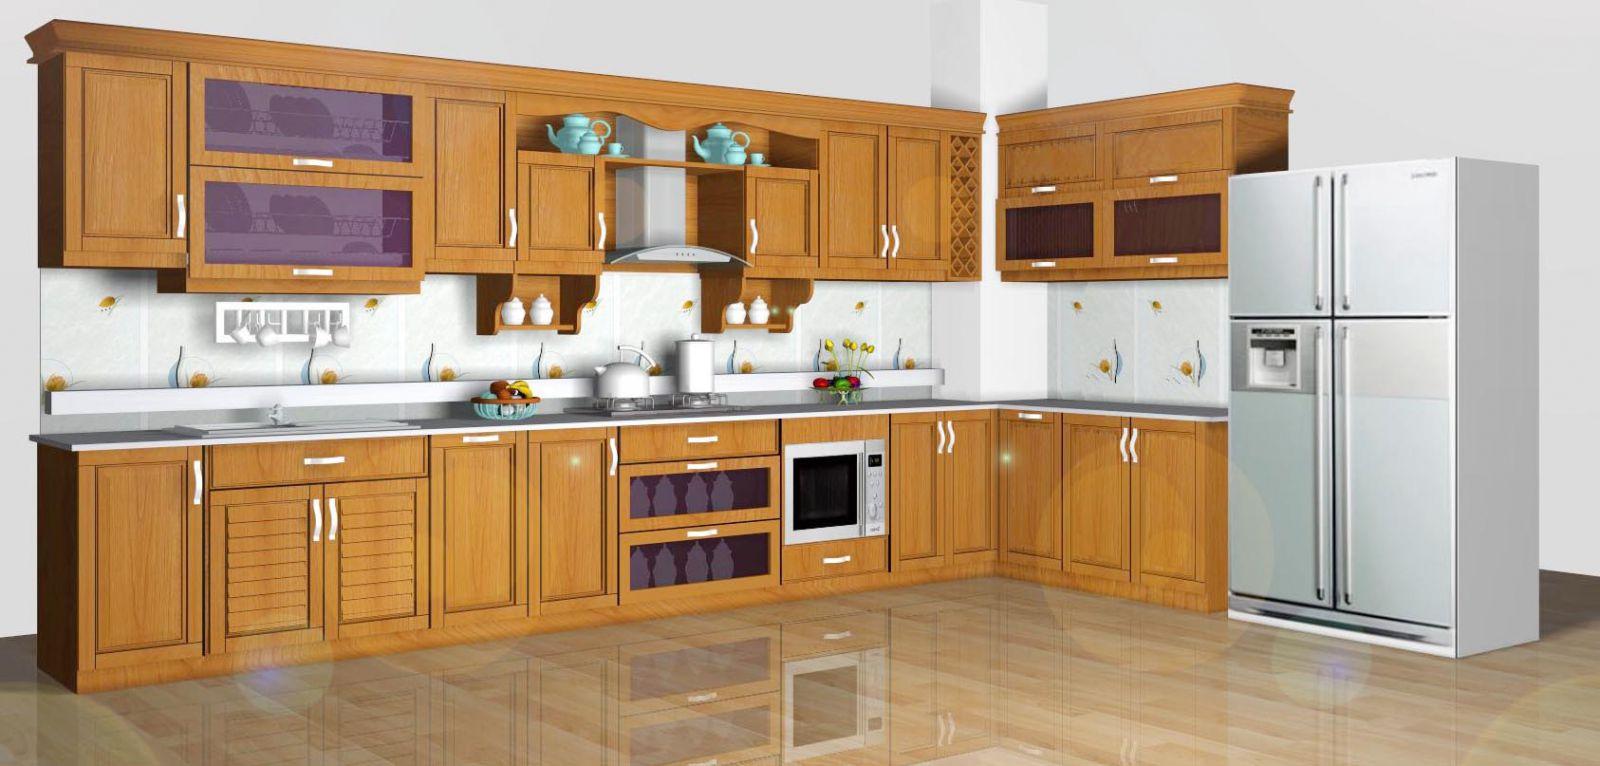 Những sai lầm nghiêm trọng trong thiết kế tủ bếp